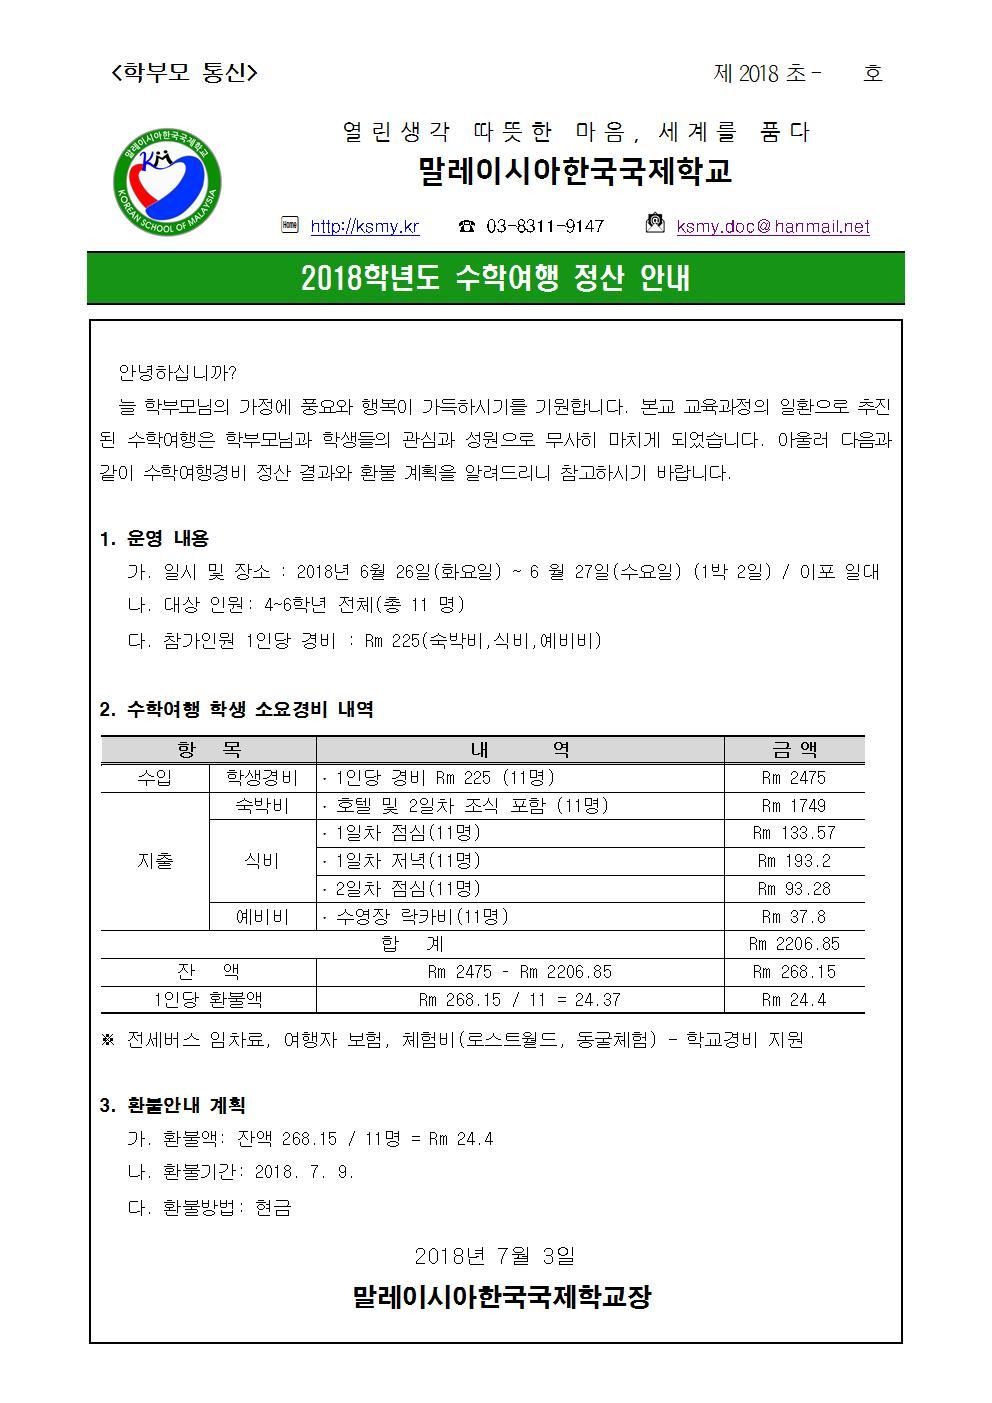 2018학년도 수학여행비 정산 가정통신문001.jpg